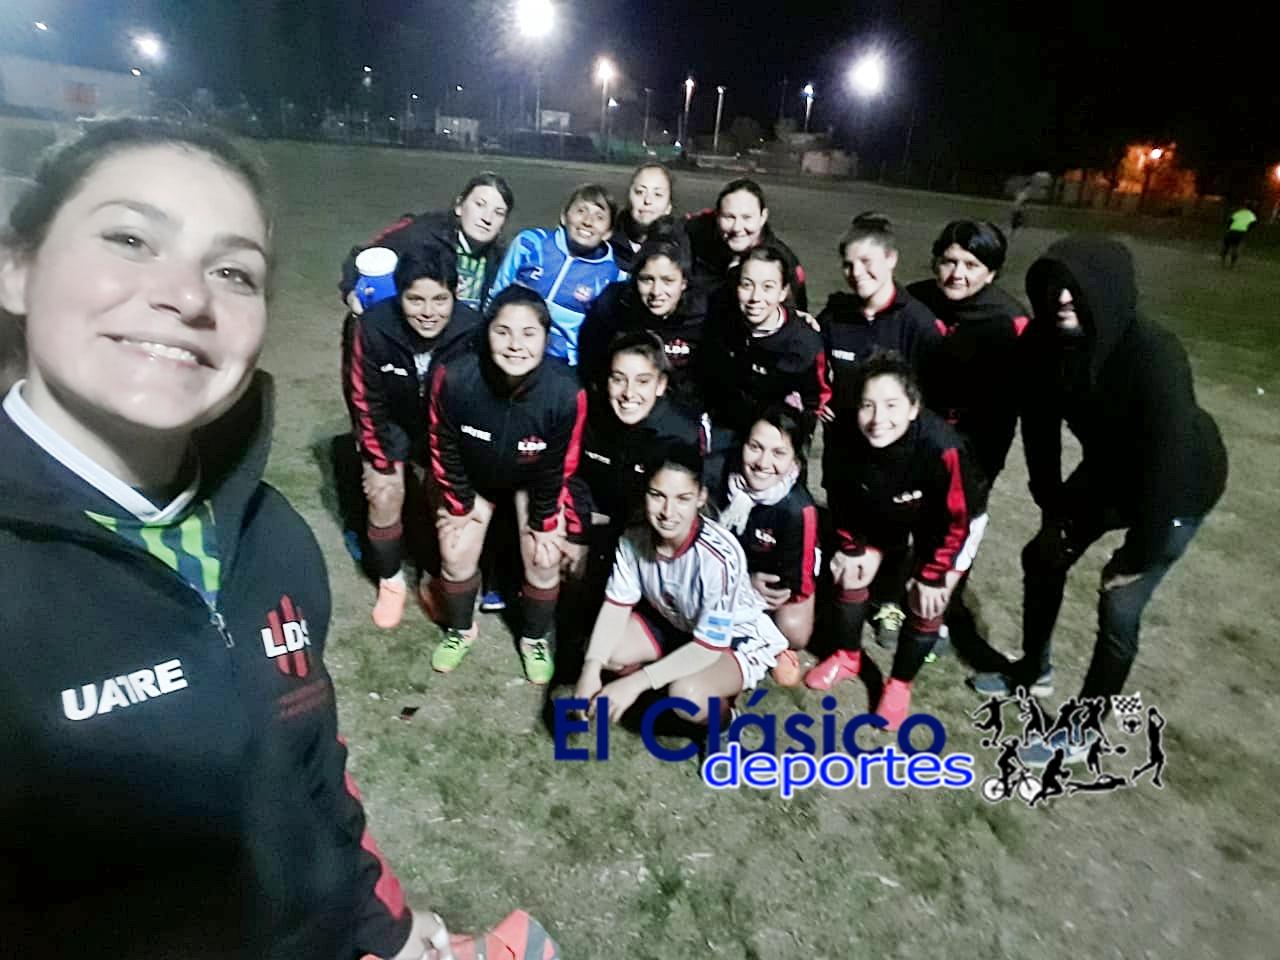 Nacional femenino: ¡Vamos las chicas! San Nicolás nuevamente el próximo rival